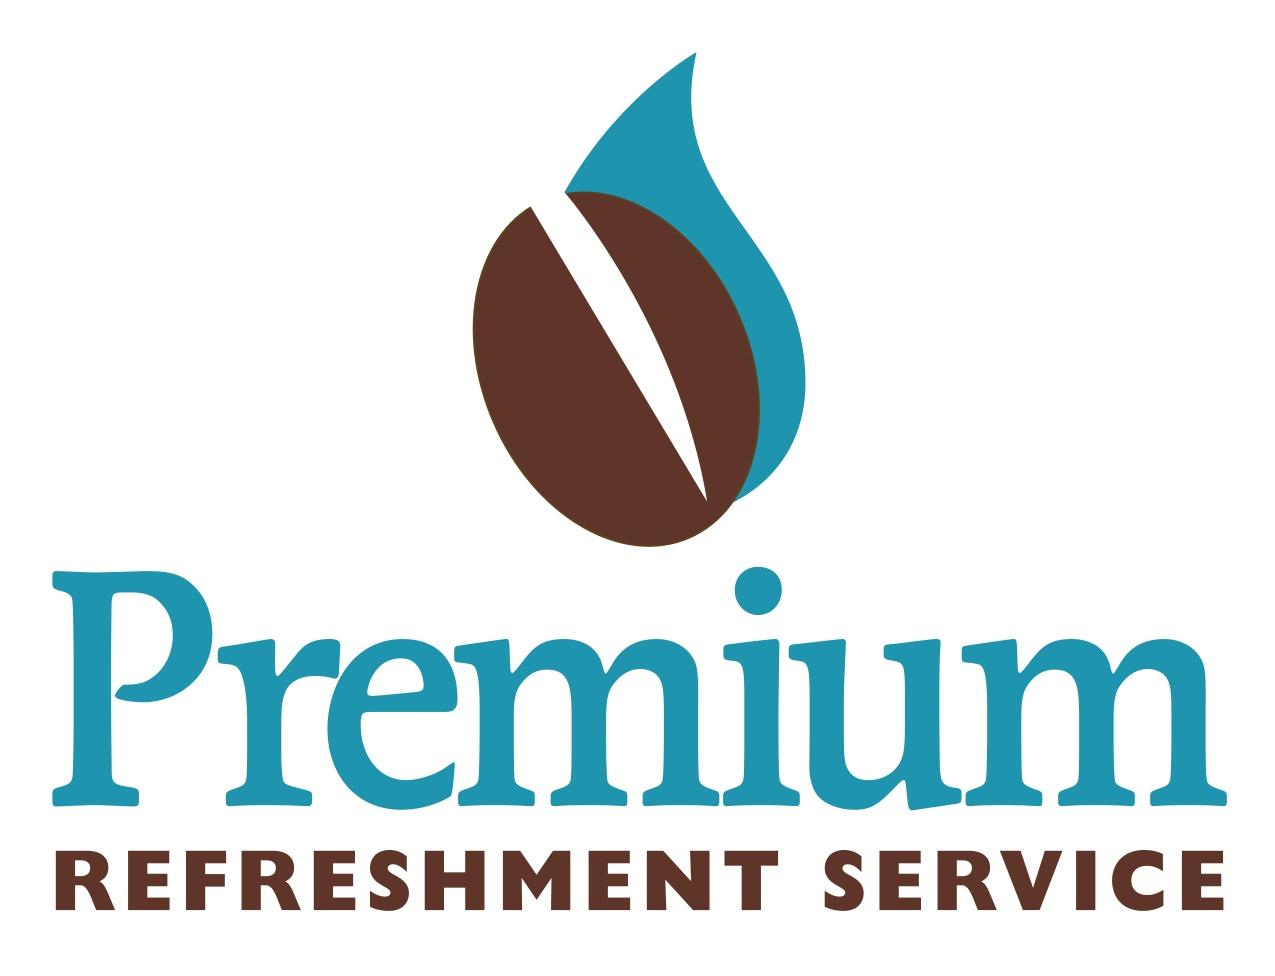 PremiumFreshLogo Vertical.jpg